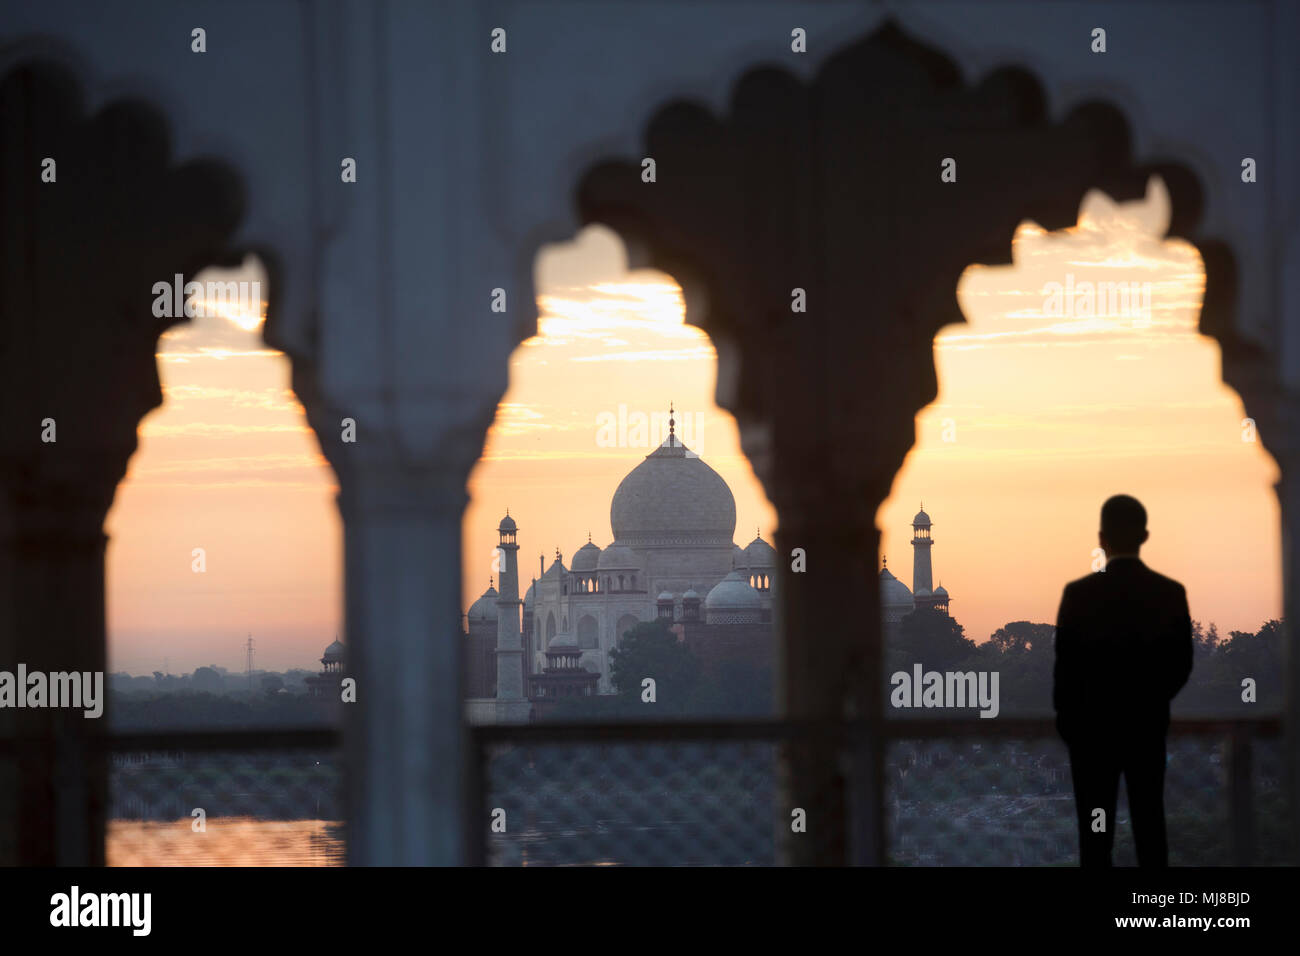 Ansicht der Rückseite des Mann stand unter scalloped Arch auf dem Balkon bei Sonnenuntergang, Taj Mahal Palace und Mausoleum in der Ferne. Stockbild